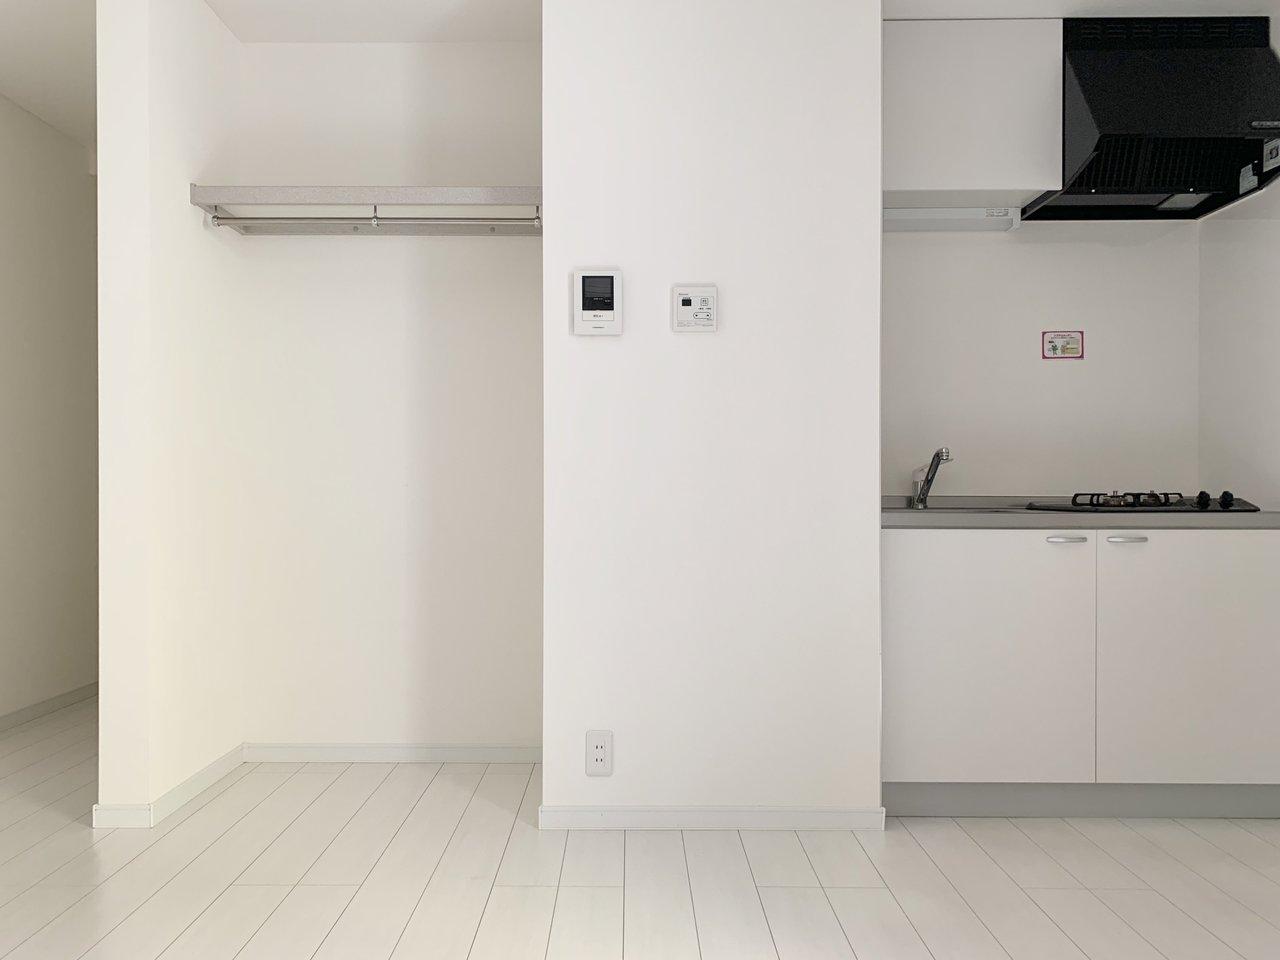 キッチンは2口コンロ付きで、収納はオープンスタイル。気になる方はカーテンなどをつけてもいいかも。